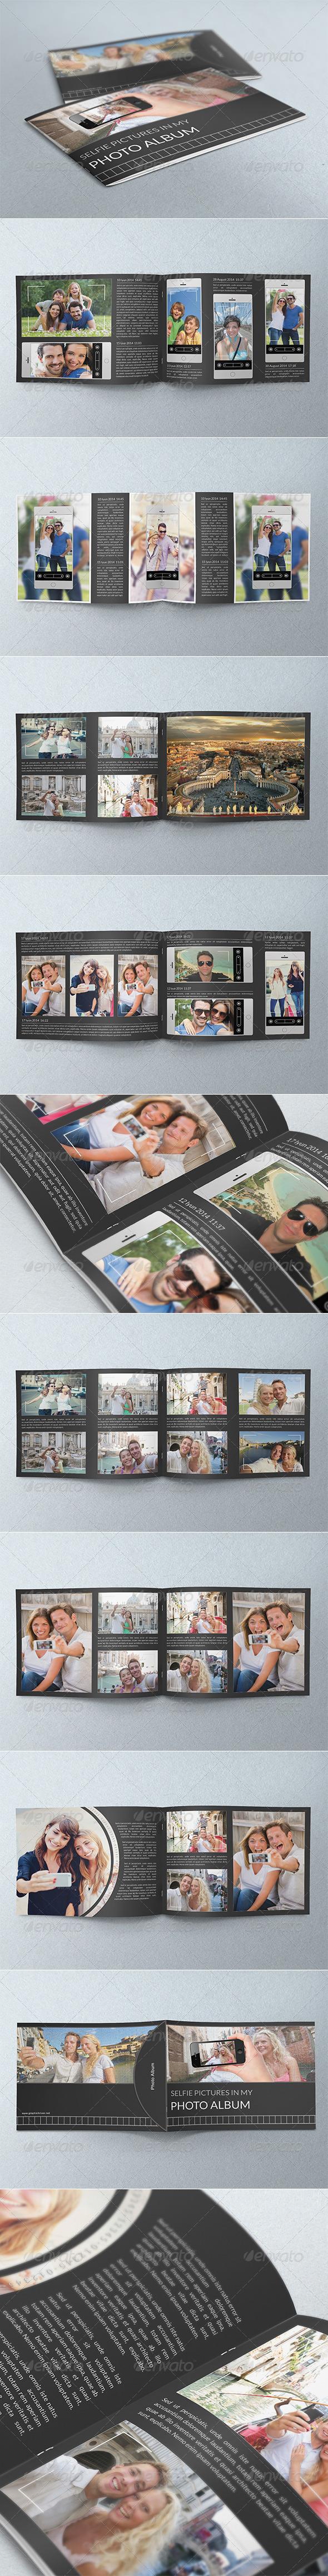 GraphicRiver Selfie Photography Portfolio Album 8216743